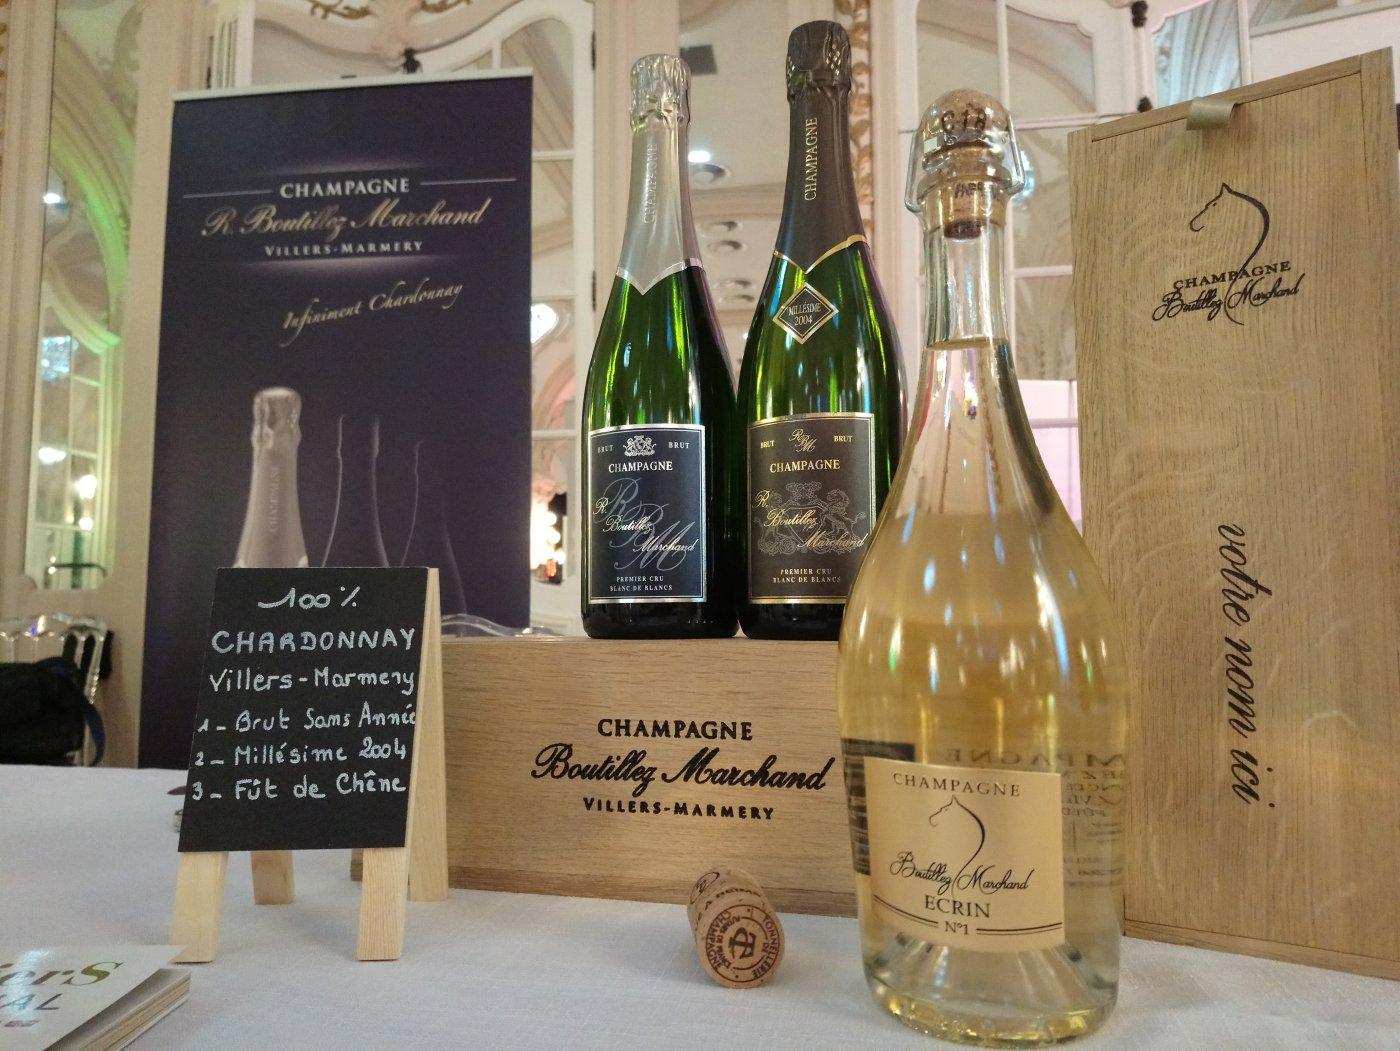 champagne-boutillez-marchand-a-villers-marmery-une-bouche-intense-et-une-texture-onctueuse